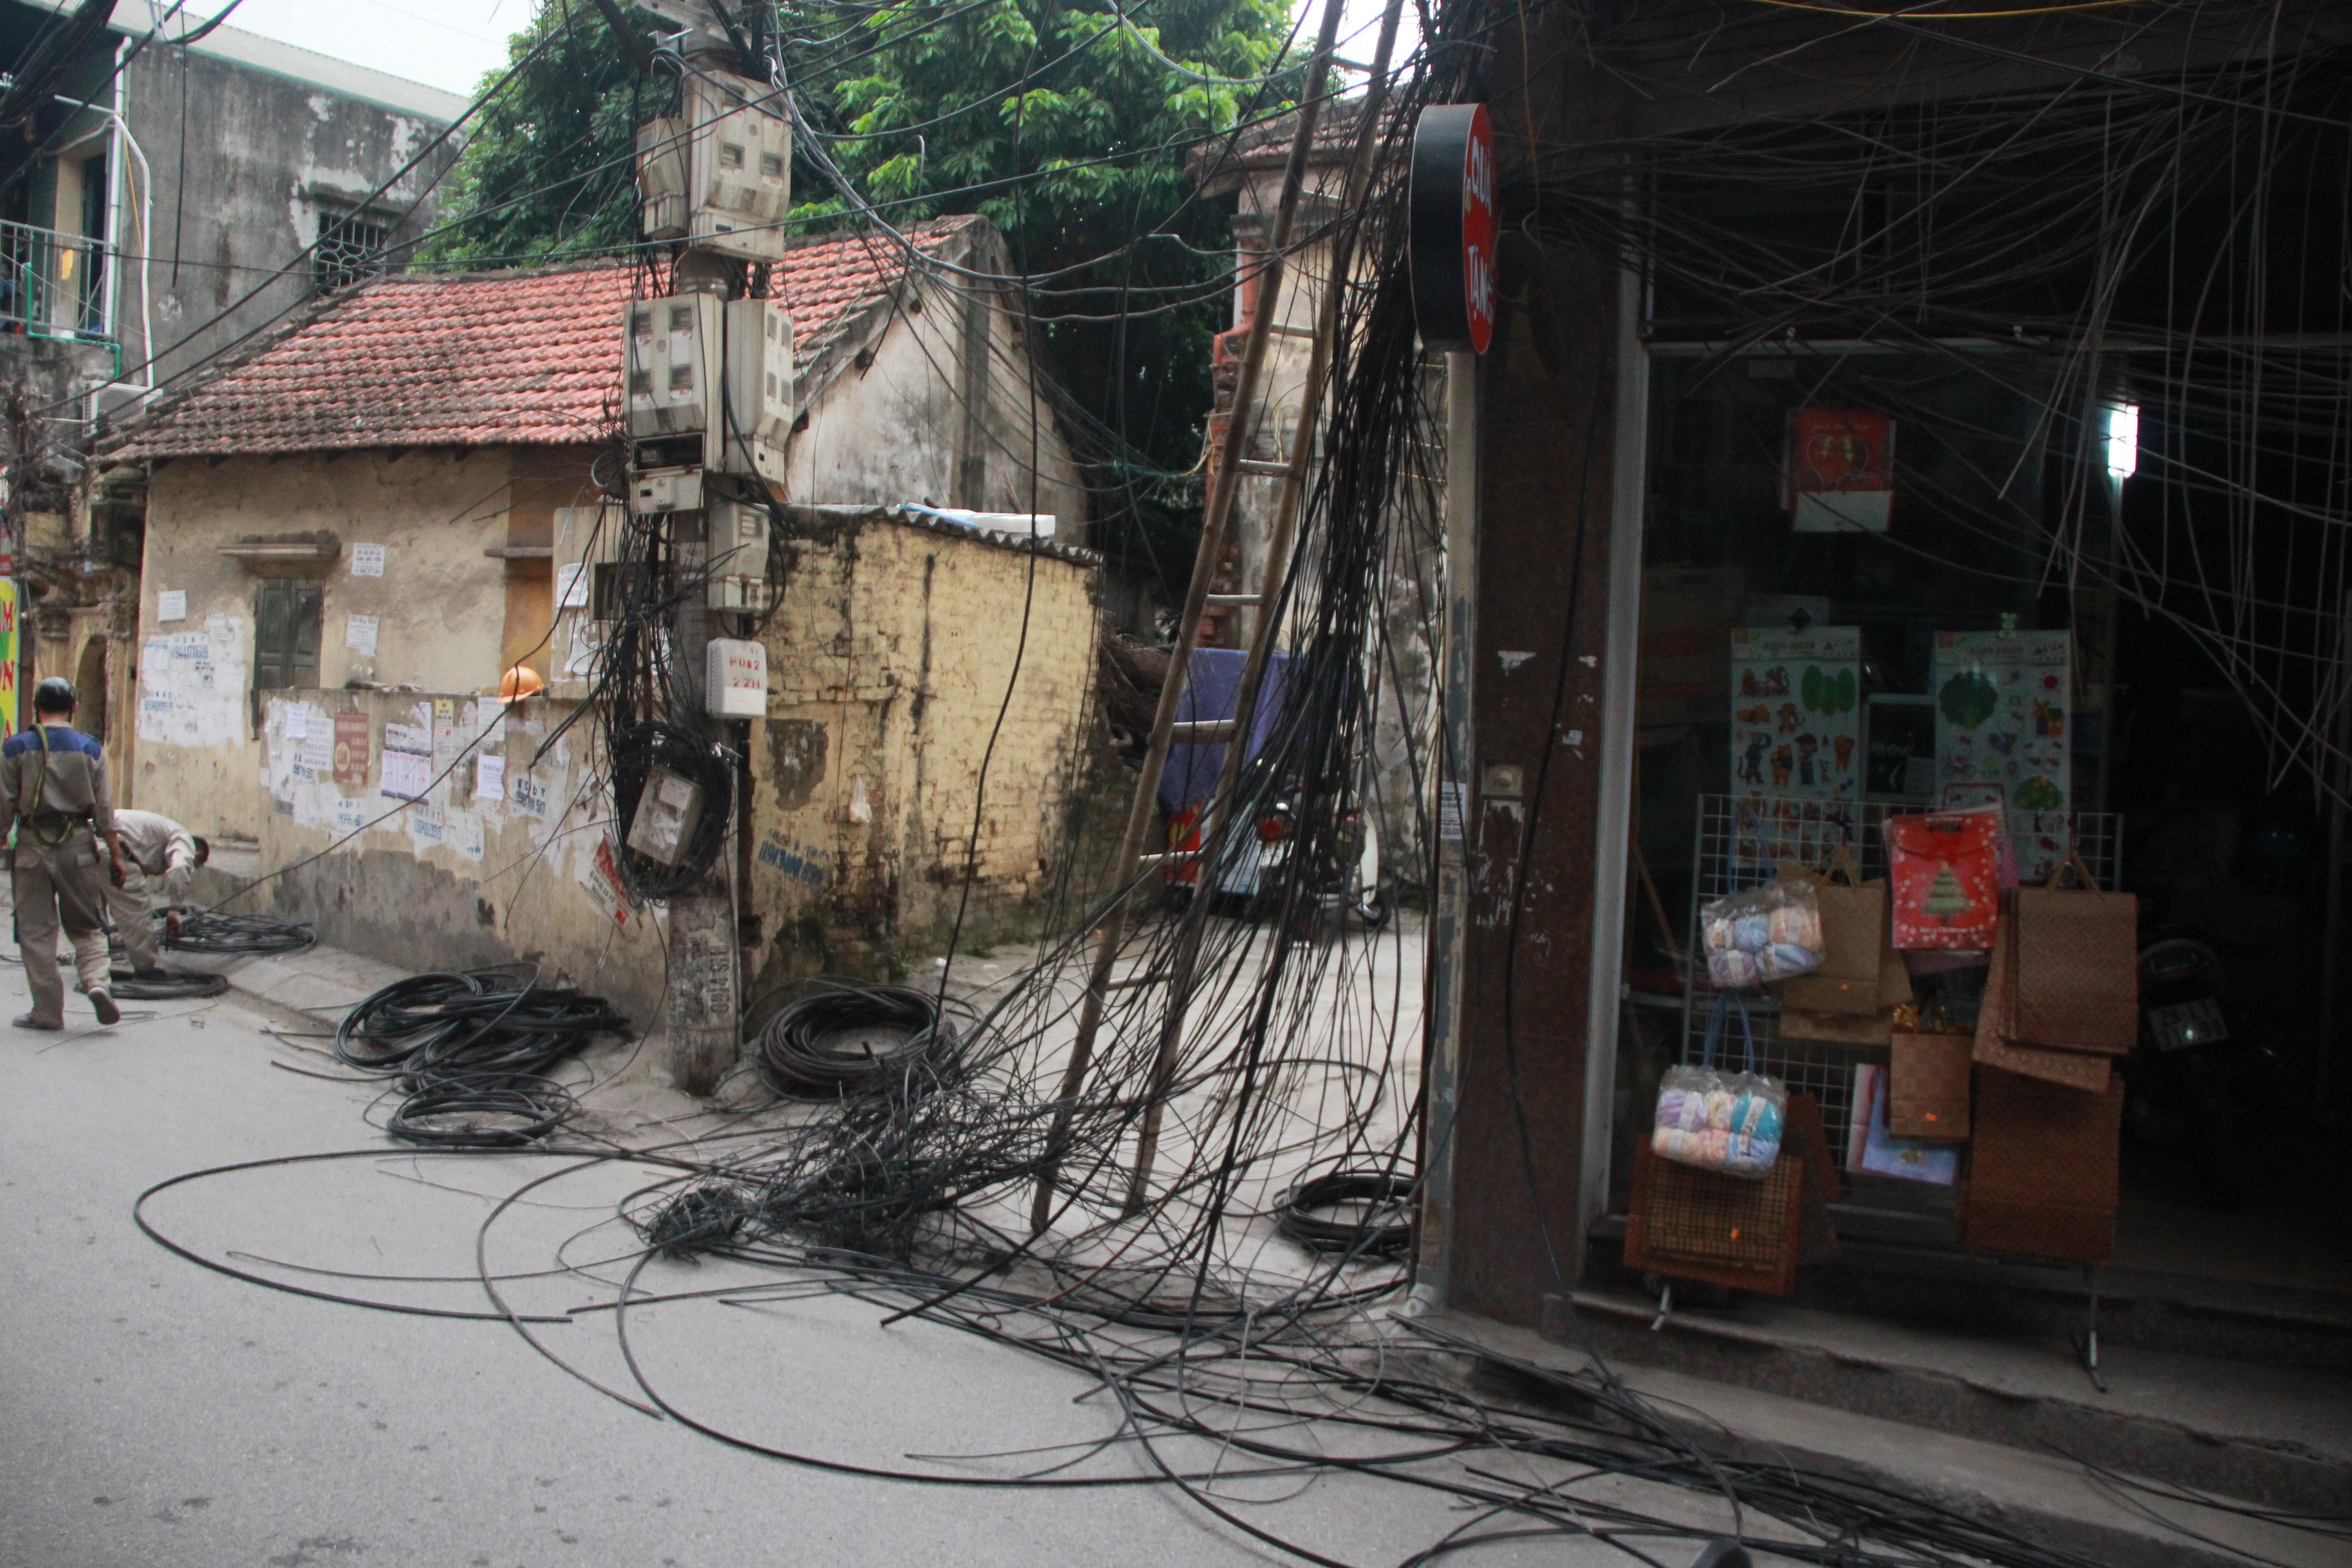 Hình ảnh Cận cảnh dọn ổ mạng nhện khổng lồ ở Hà Nội số 1